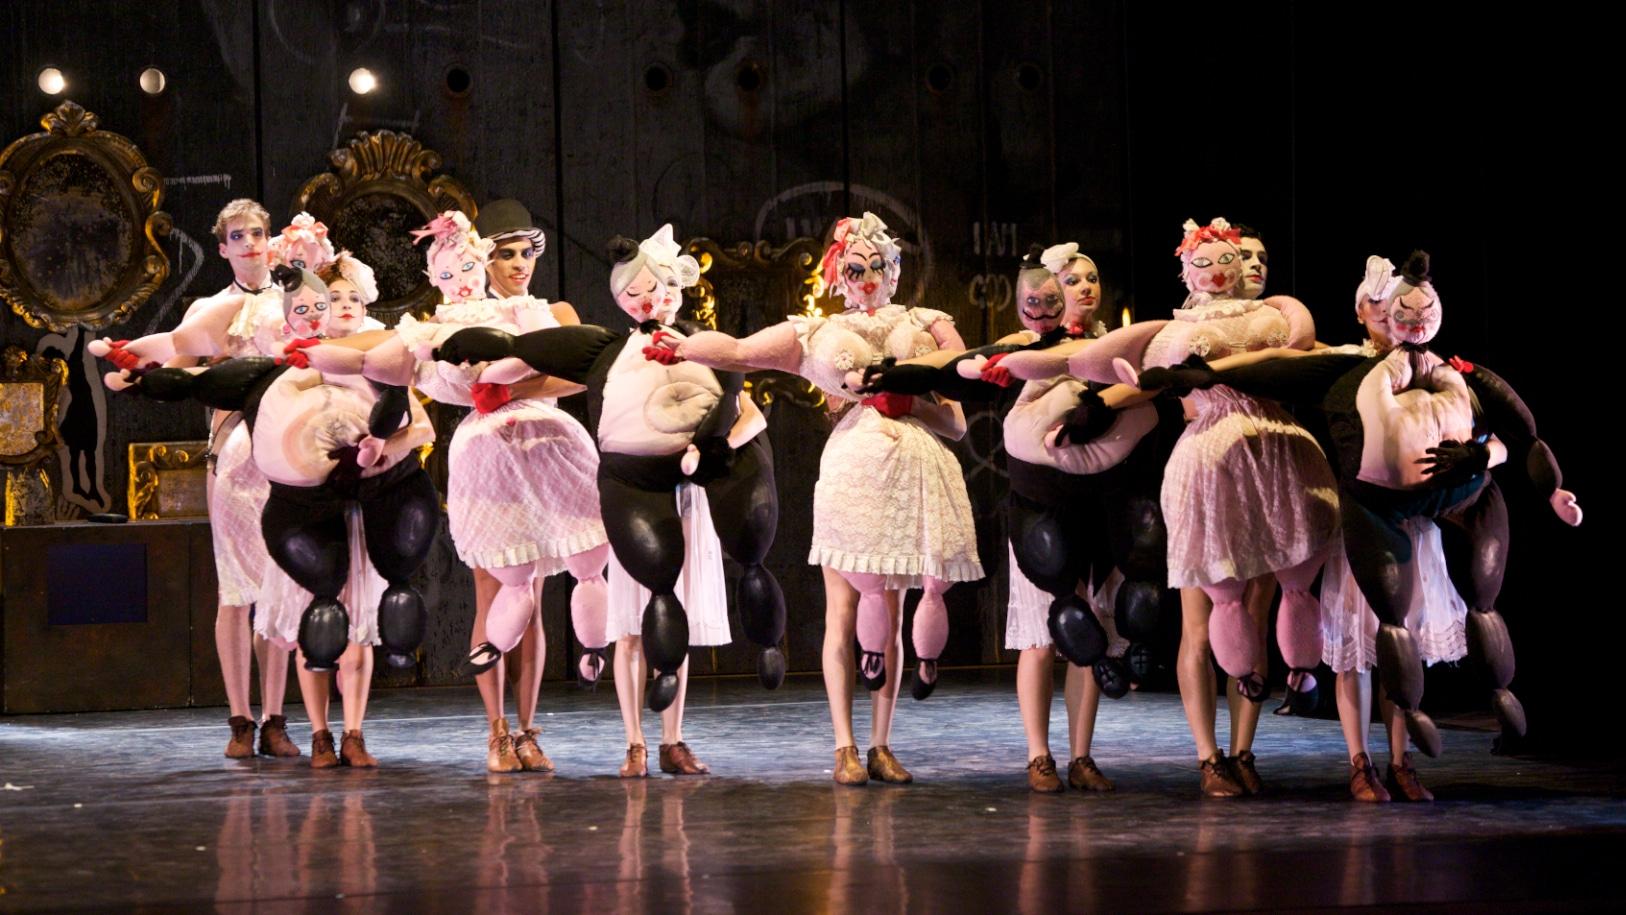 Teatro Ariston di Sanremo il 19 dicembre alle 21.15